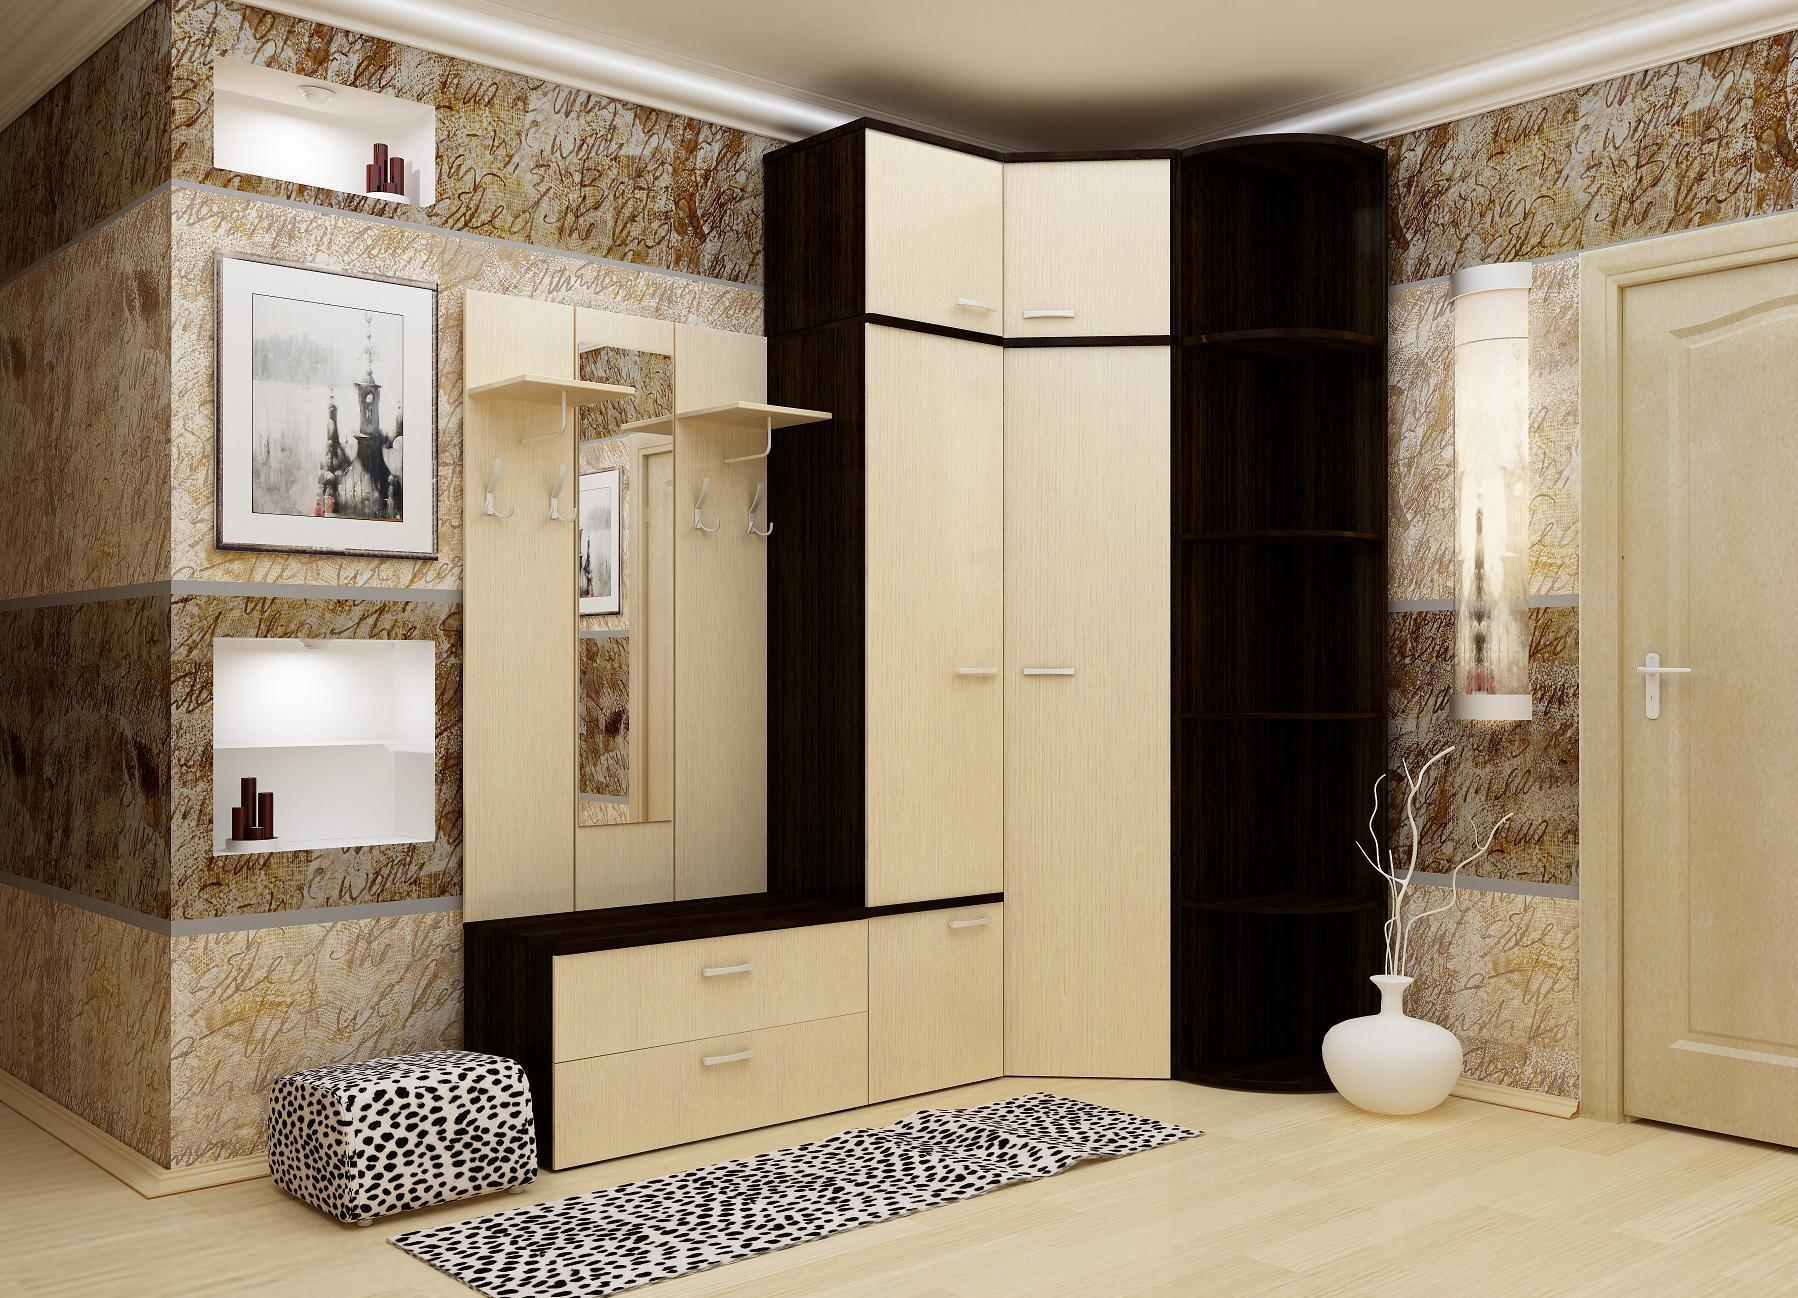 функциональный интерьер прихожей комнаты с узким коридором